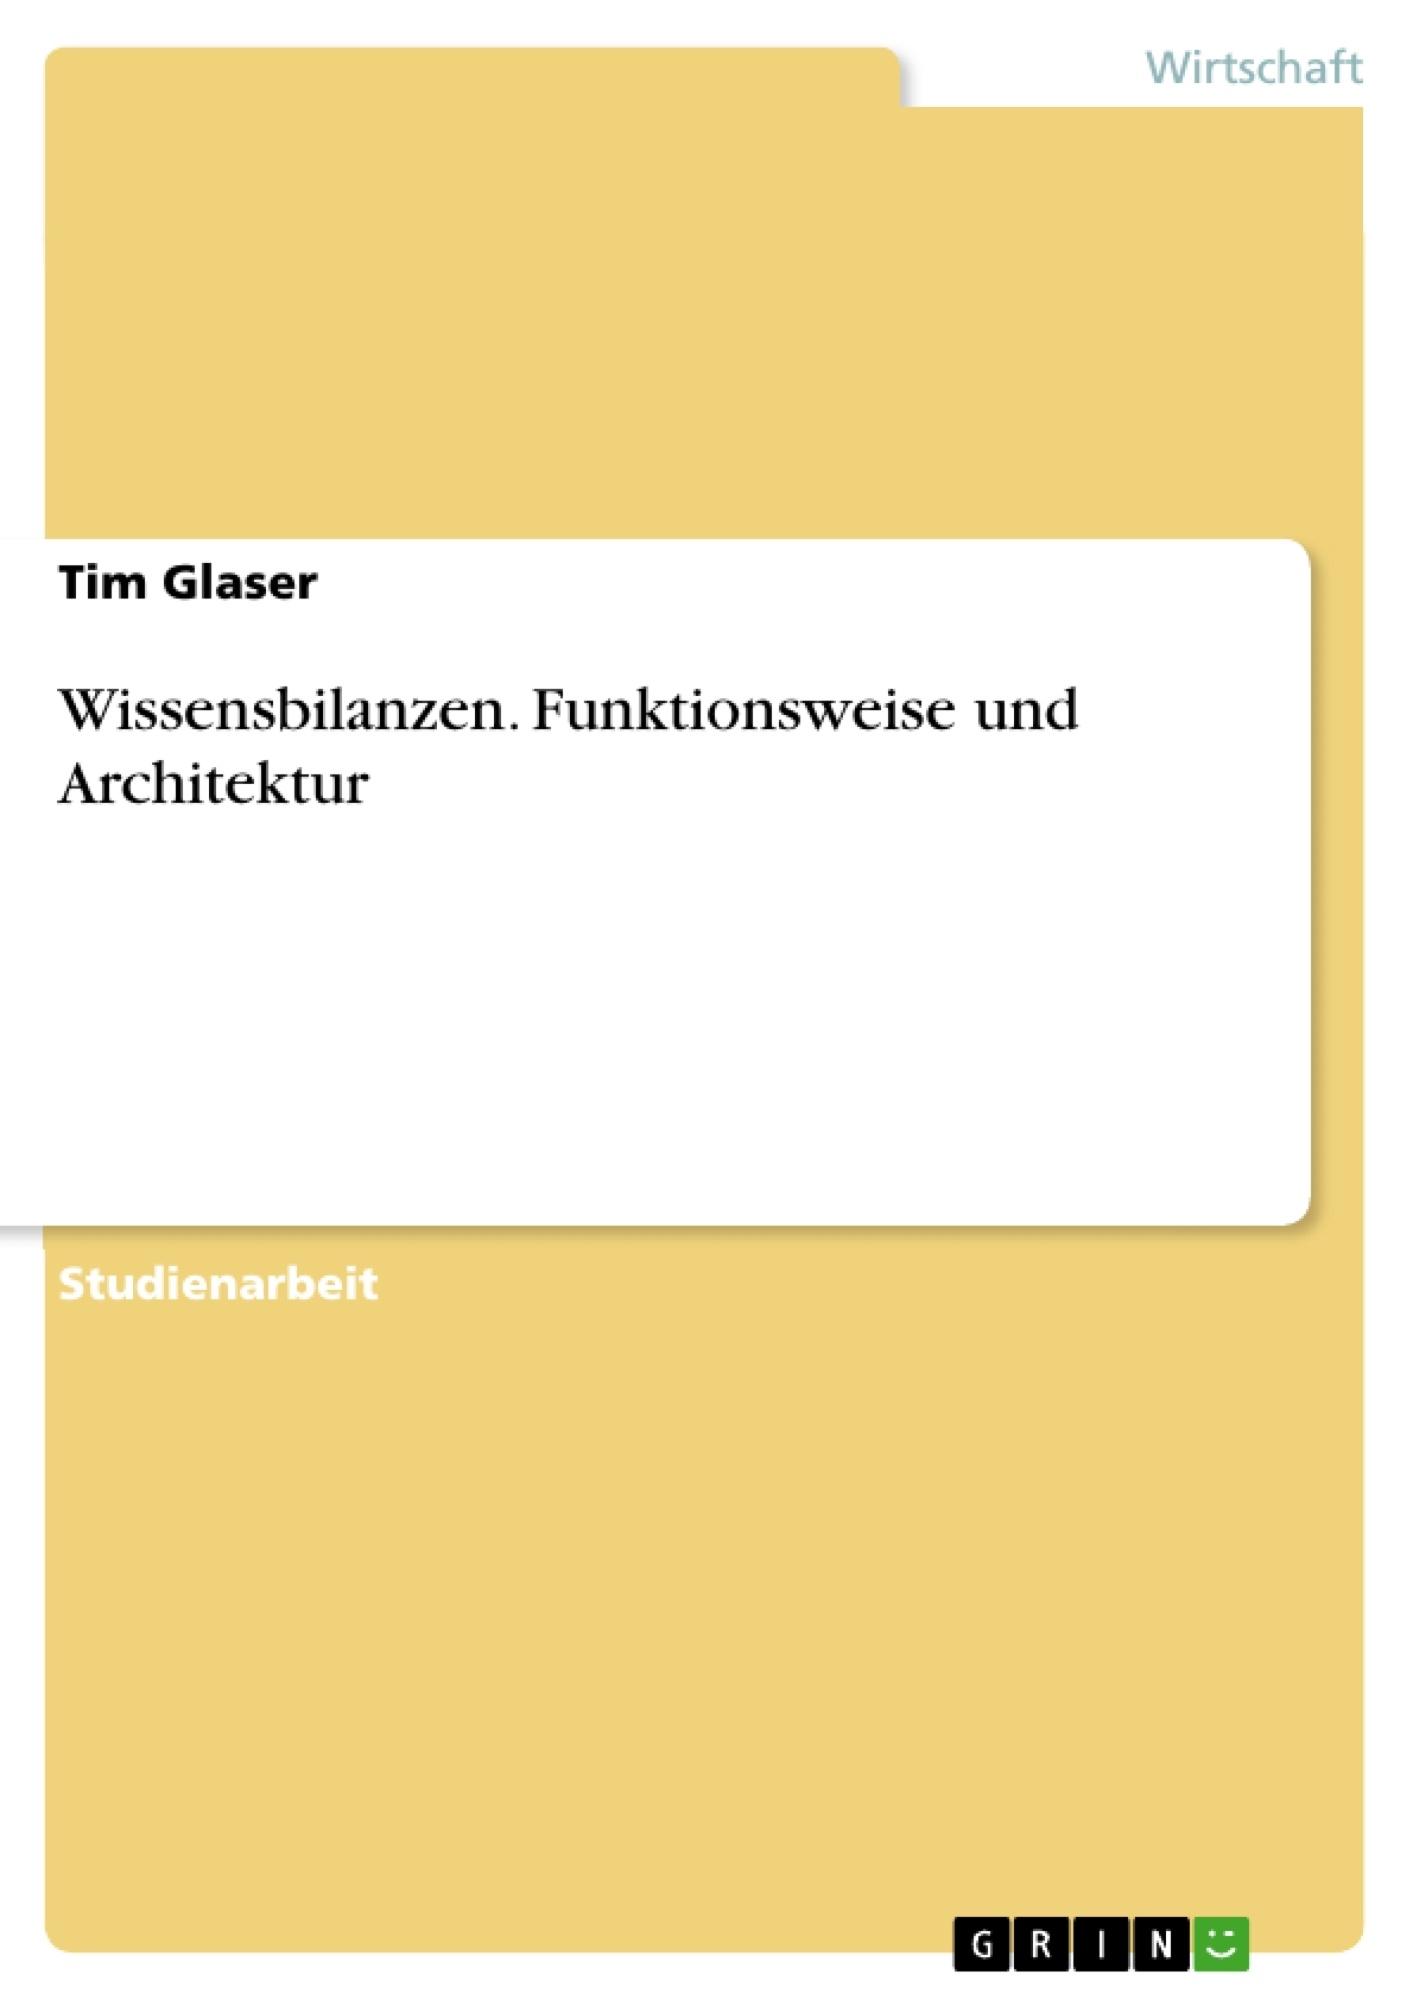 Titel: Wissensbilanzen. Funktionsweise und Architektur